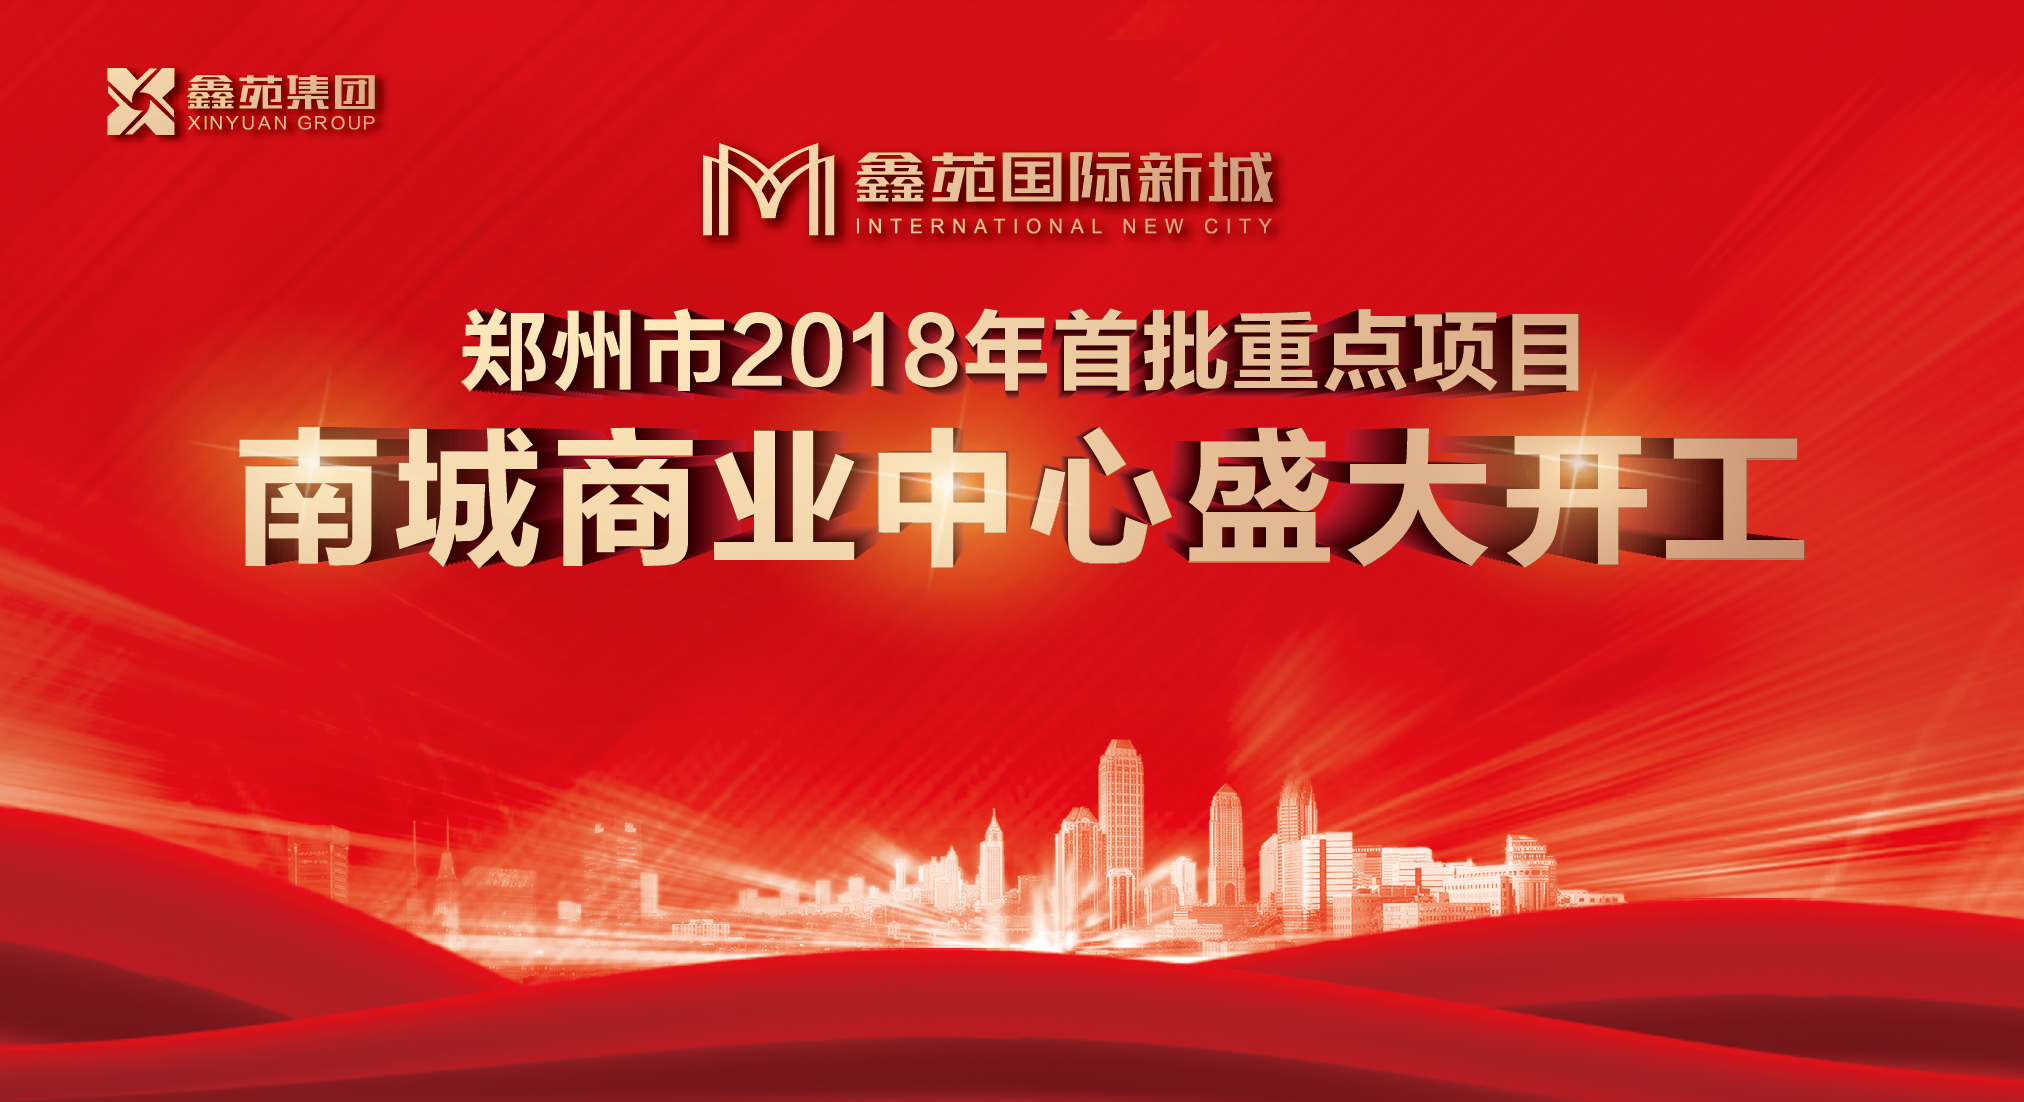 郑州2018首批重点项目——南城商业中心盛大开工!